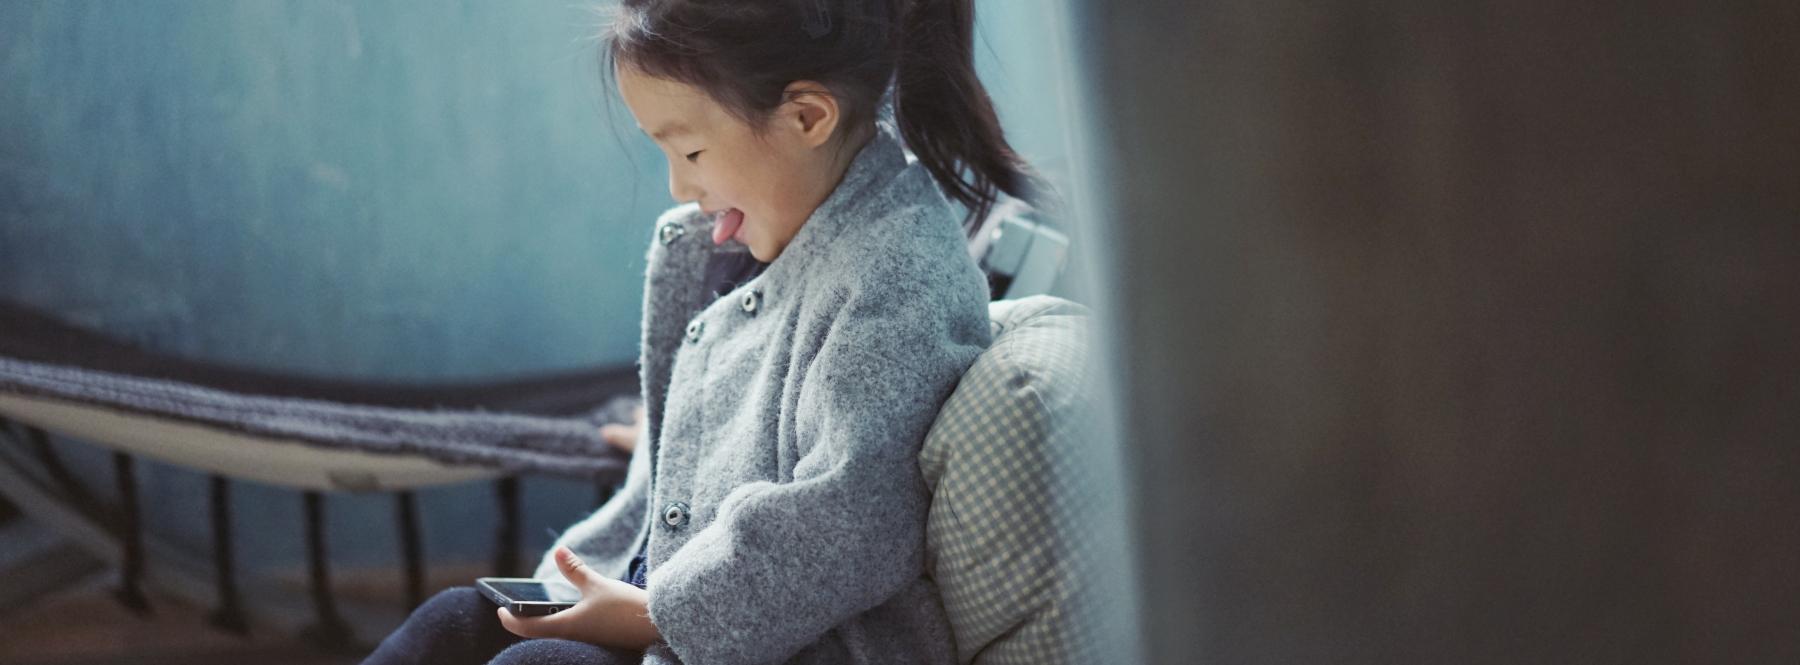 Los niños y su relación con los Asistentes Virtuales